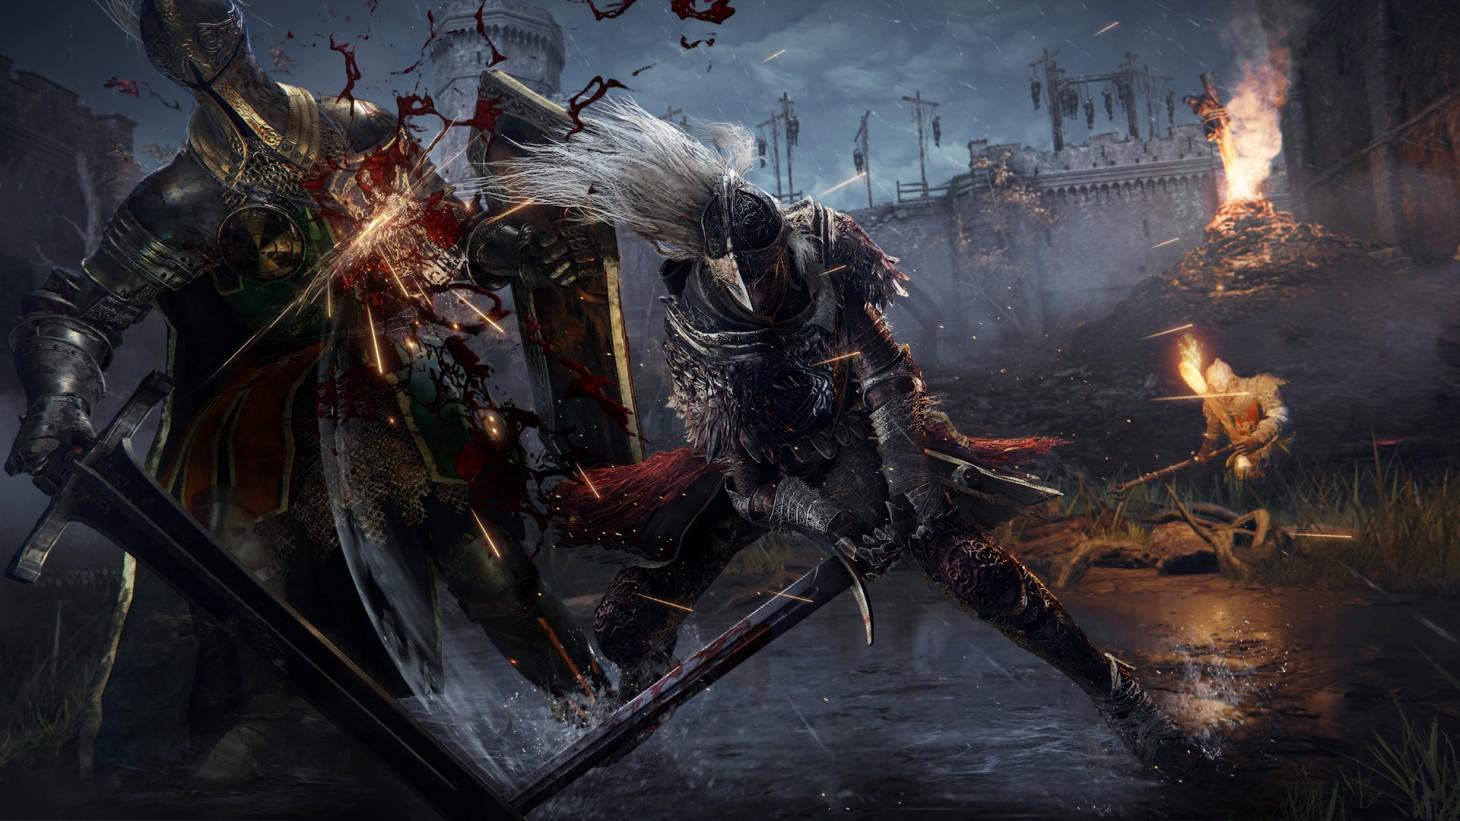 New Elden Ring Trailer Revealed, Release Date Set For January 2022 - Game  Informer